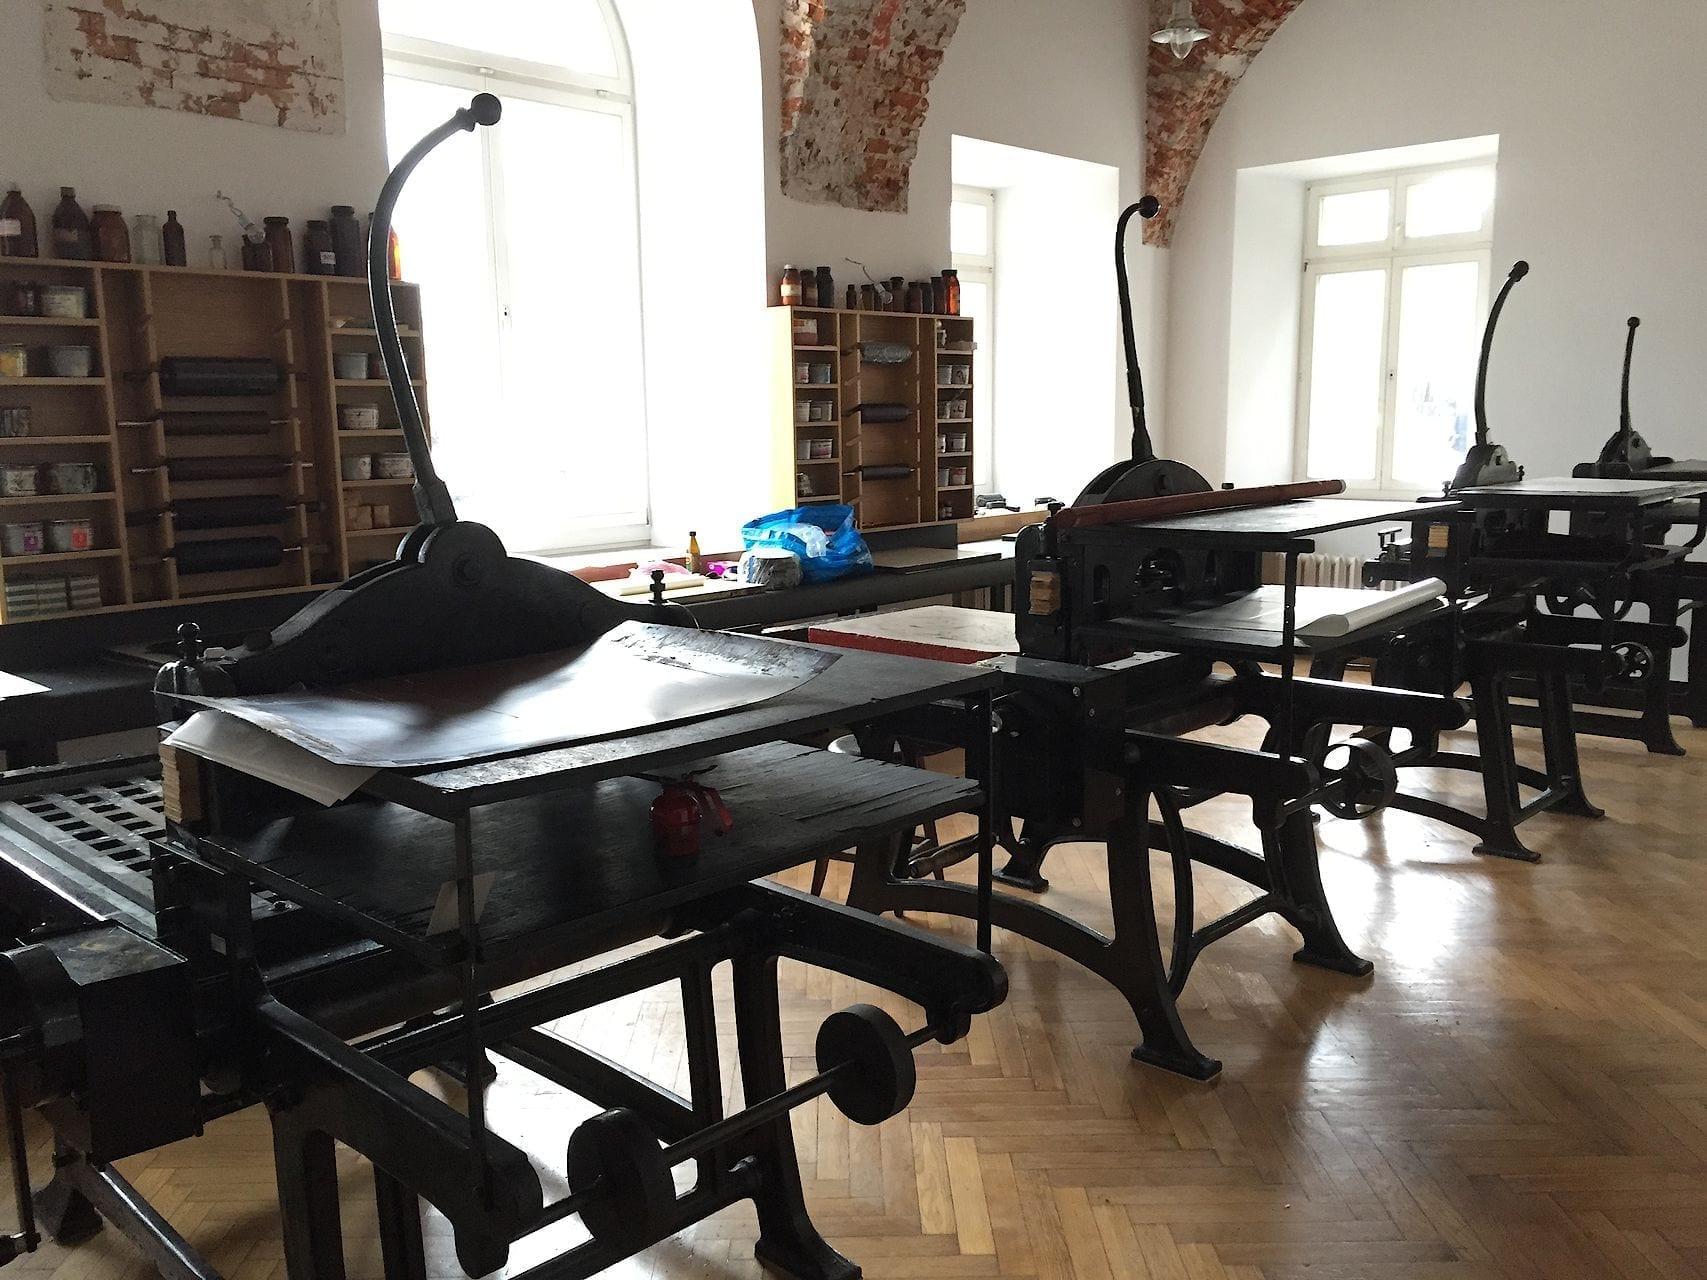 pracownia litografii na Akademii Sztuk Pięknych w Warszawie